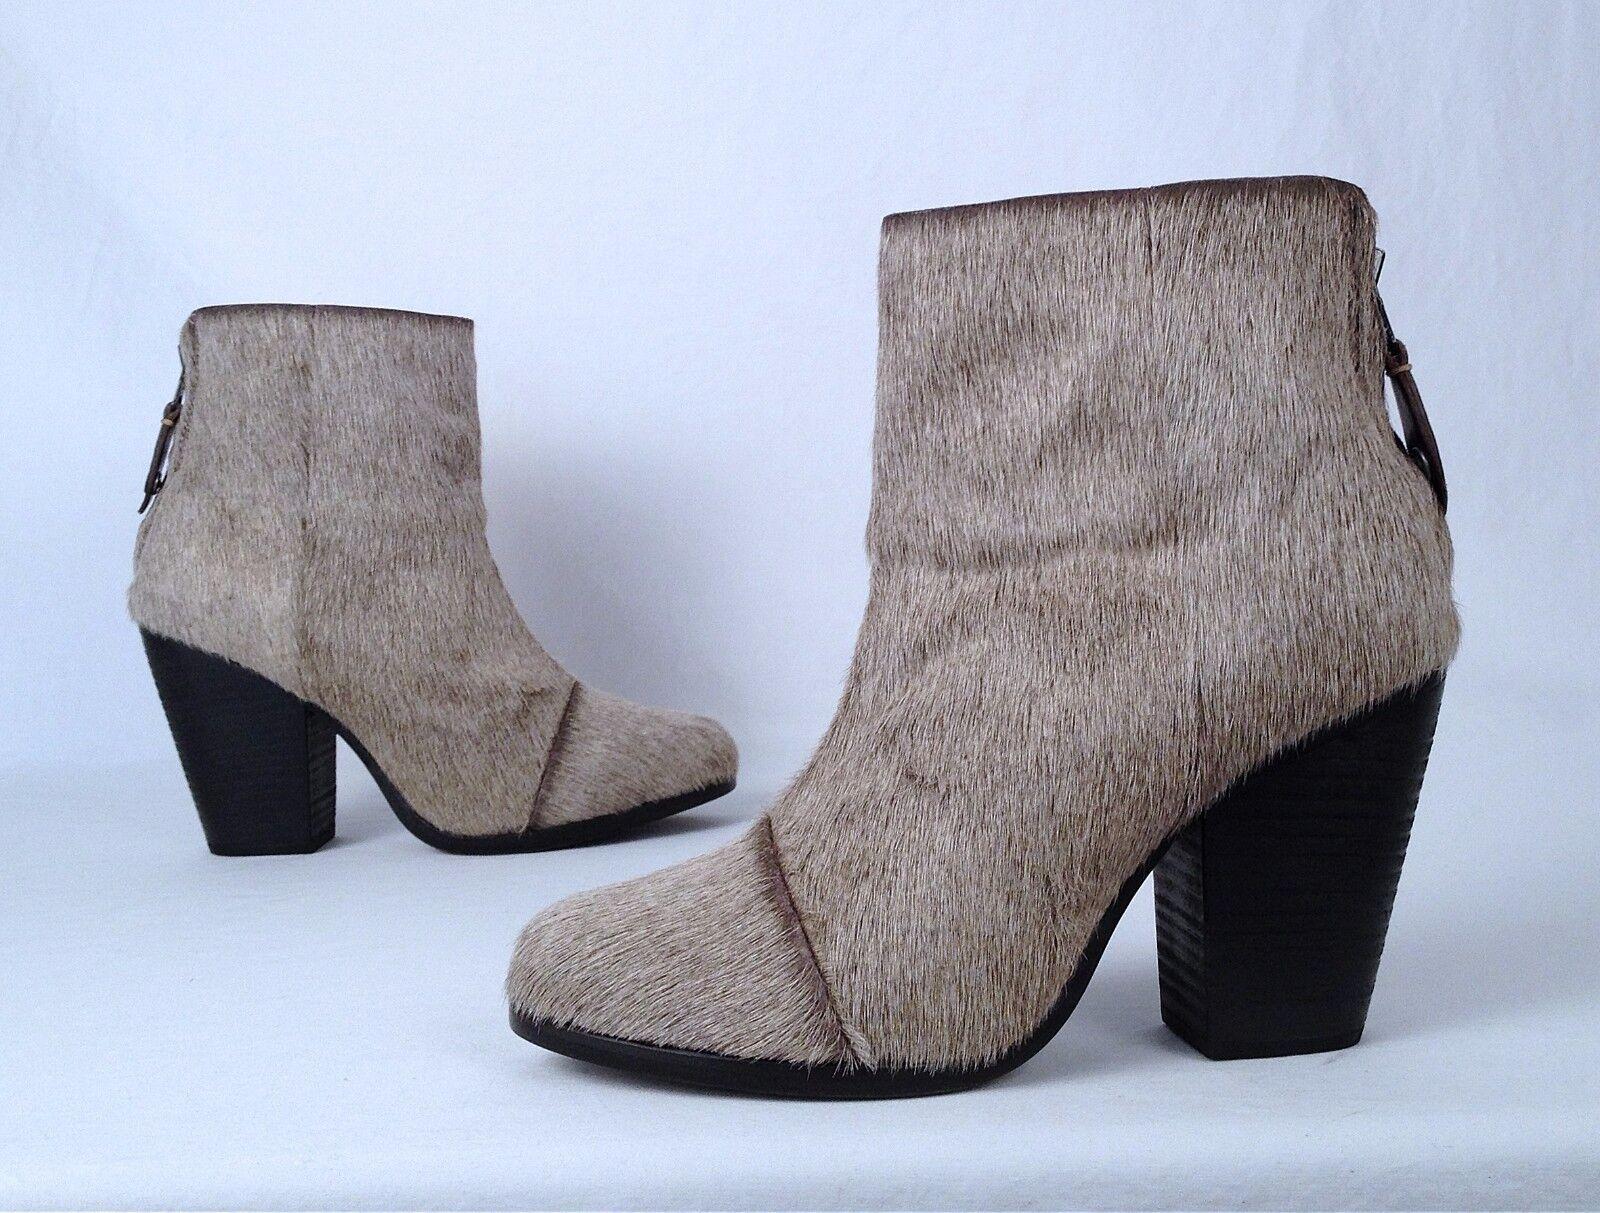 NEW!! rag & bone  'Ashby' Bootie- Pony Hair- Size 7.5 US/ 38 EU -  550 (BBB1)